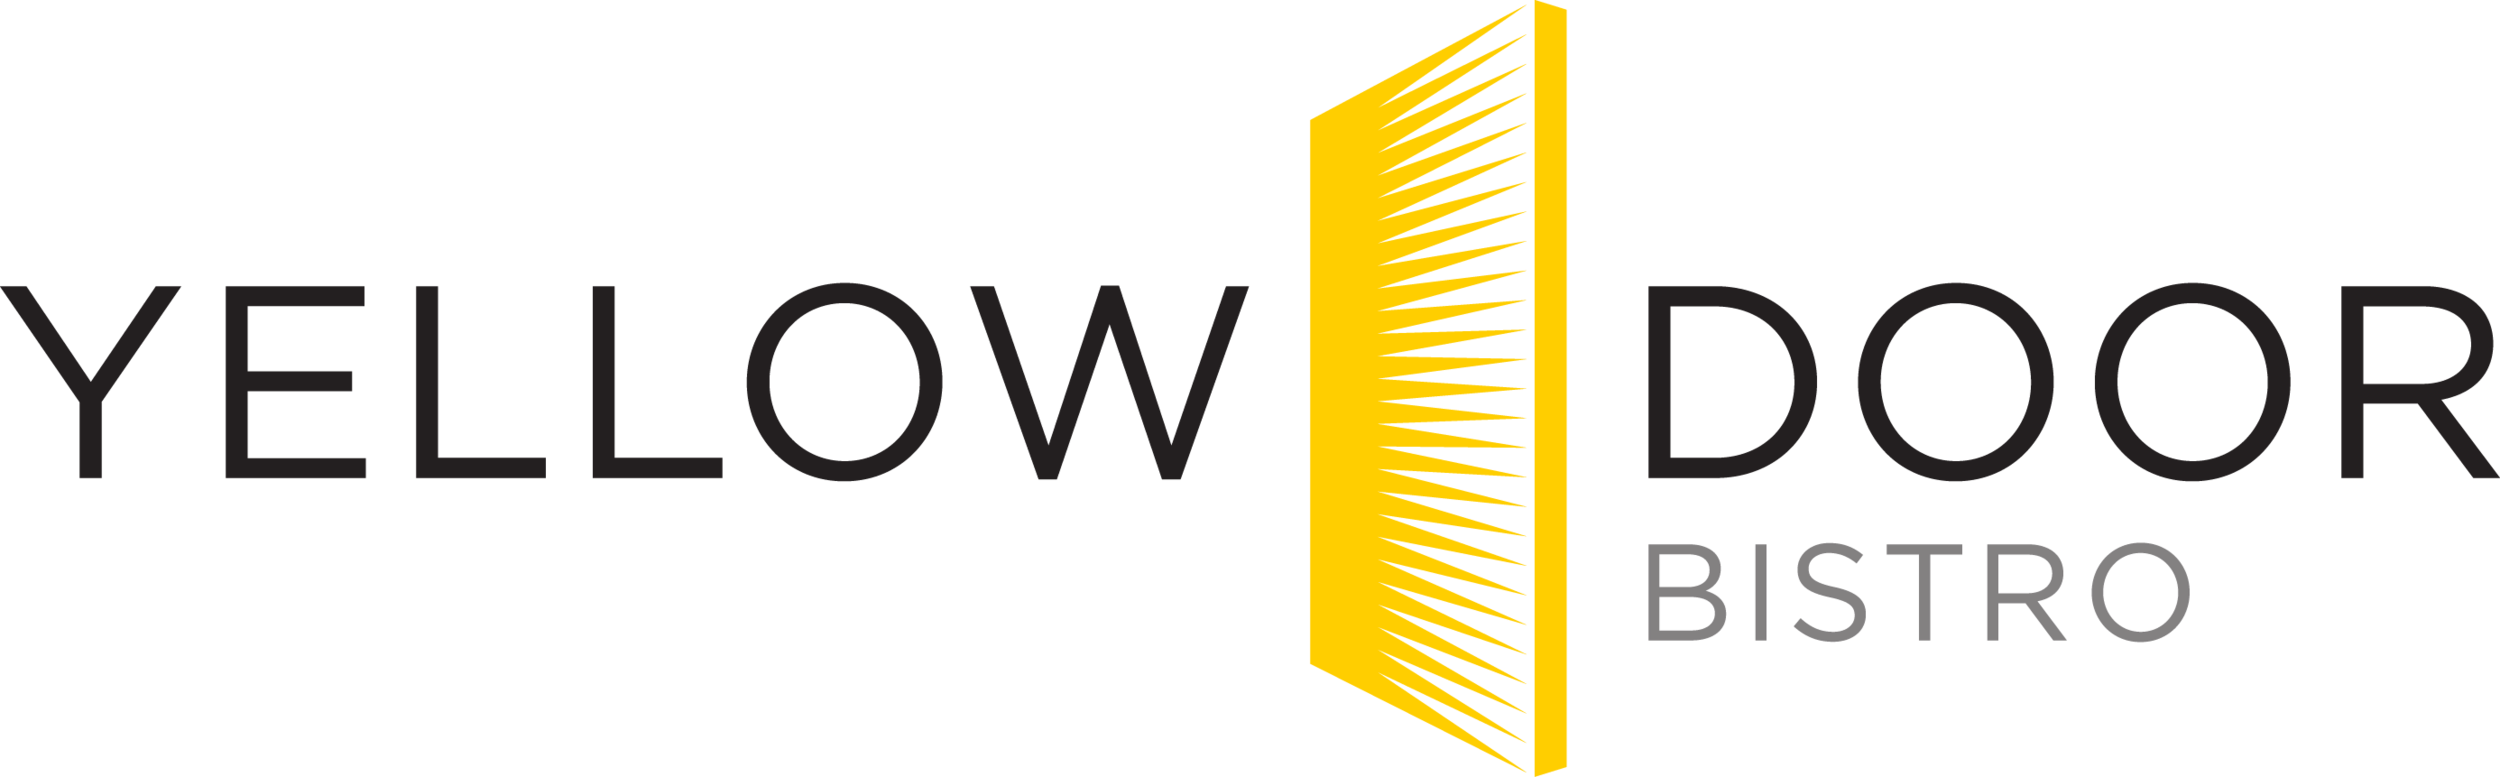 yellowdoor.png